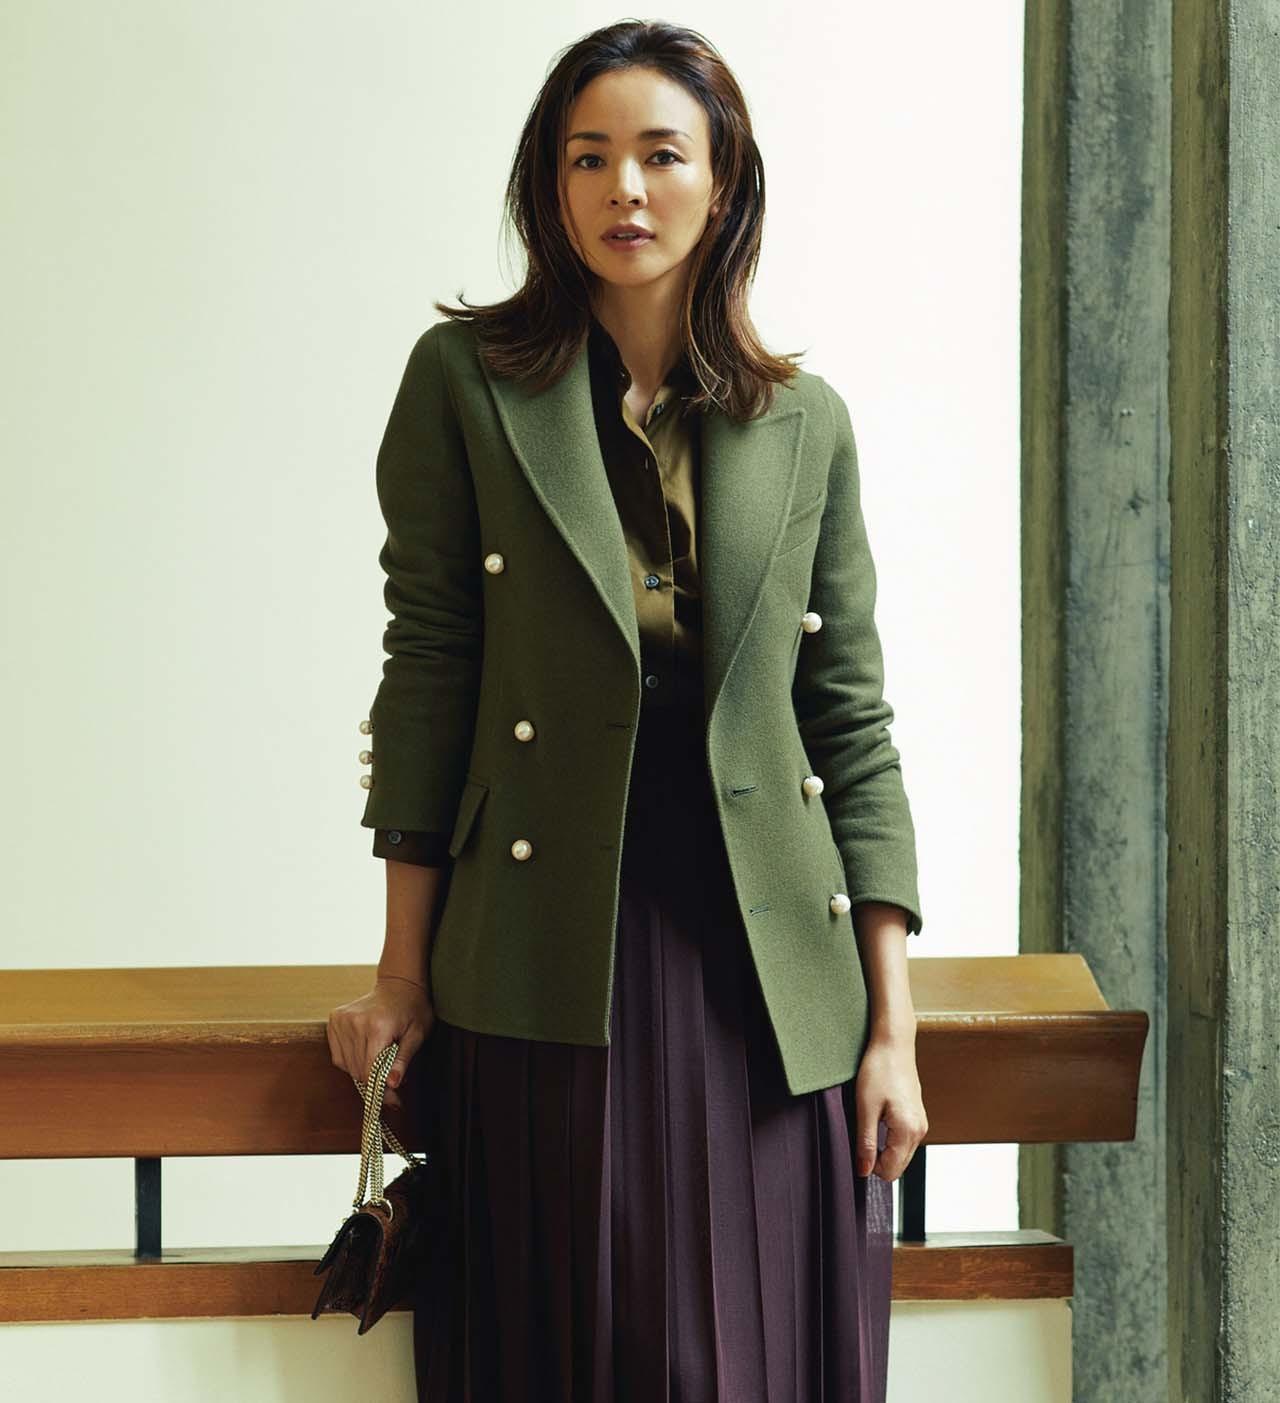 ジャケット×ダークブラウンのロングプリーツスカートコーデを着たモデルのSHIHOさん